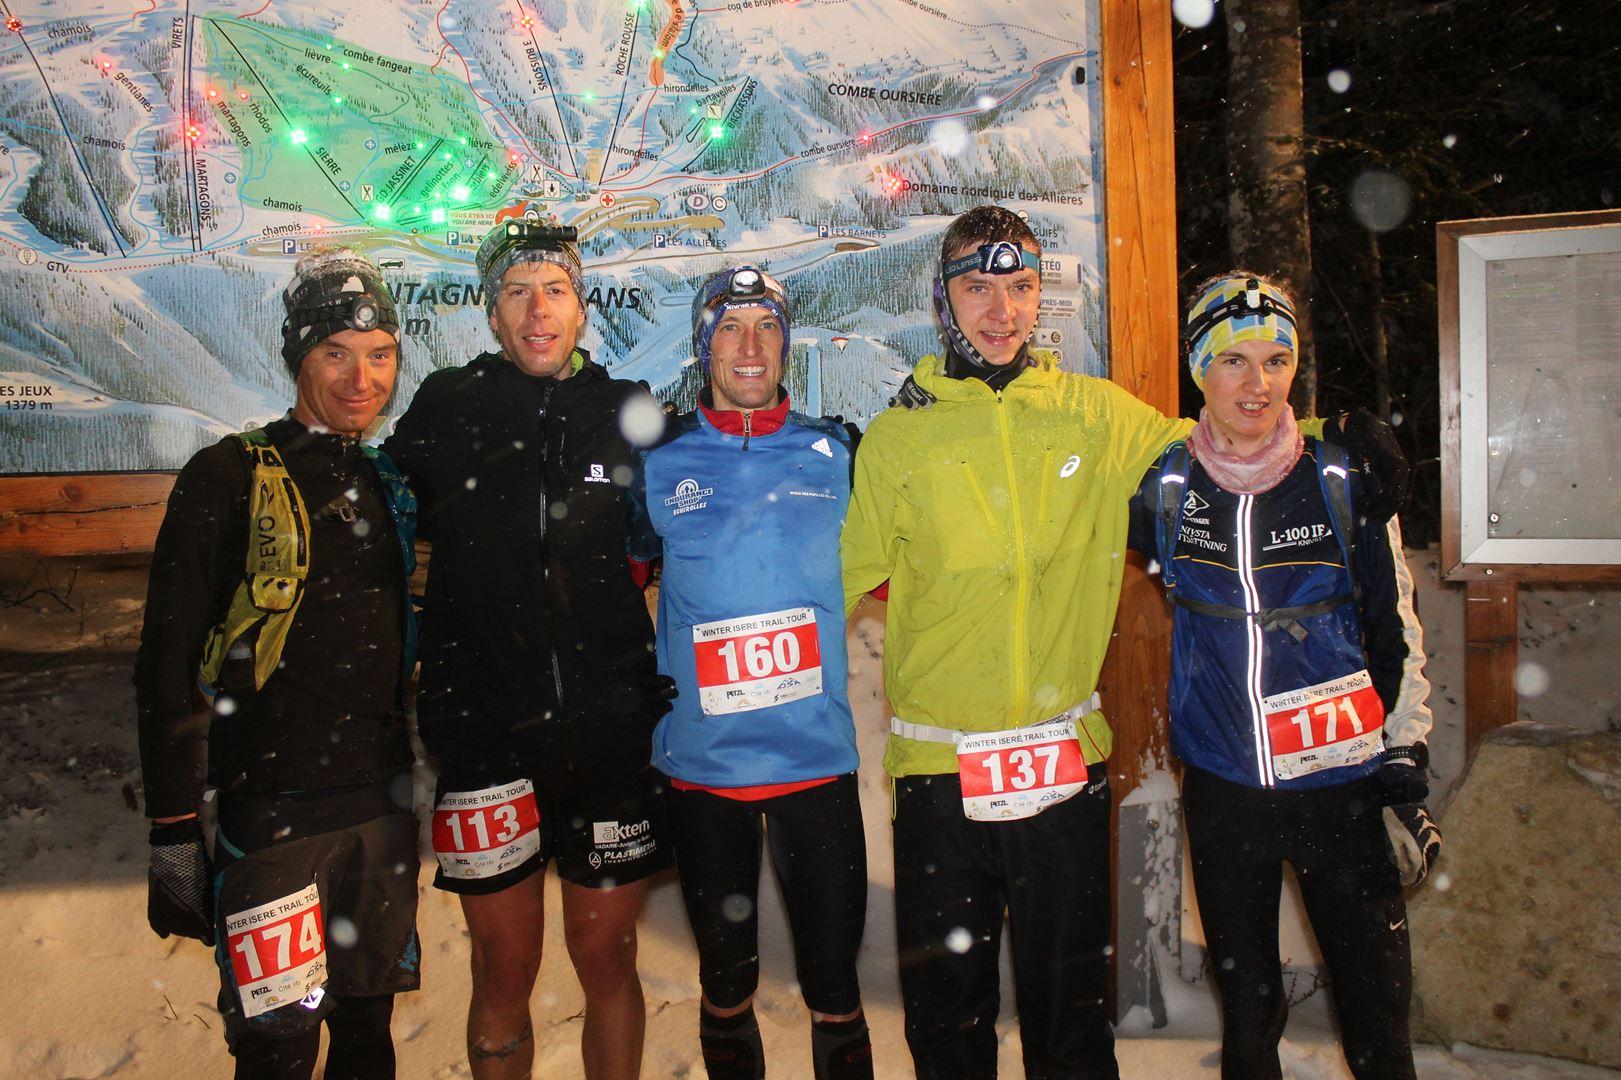 Les 5 premiers hommes du 16km à larrivée - RESULTATS , COMMENTAIRES ET PHOTOS DU TRAIL BLANC DE LANS EN VERCORS (38) 04-03-2017